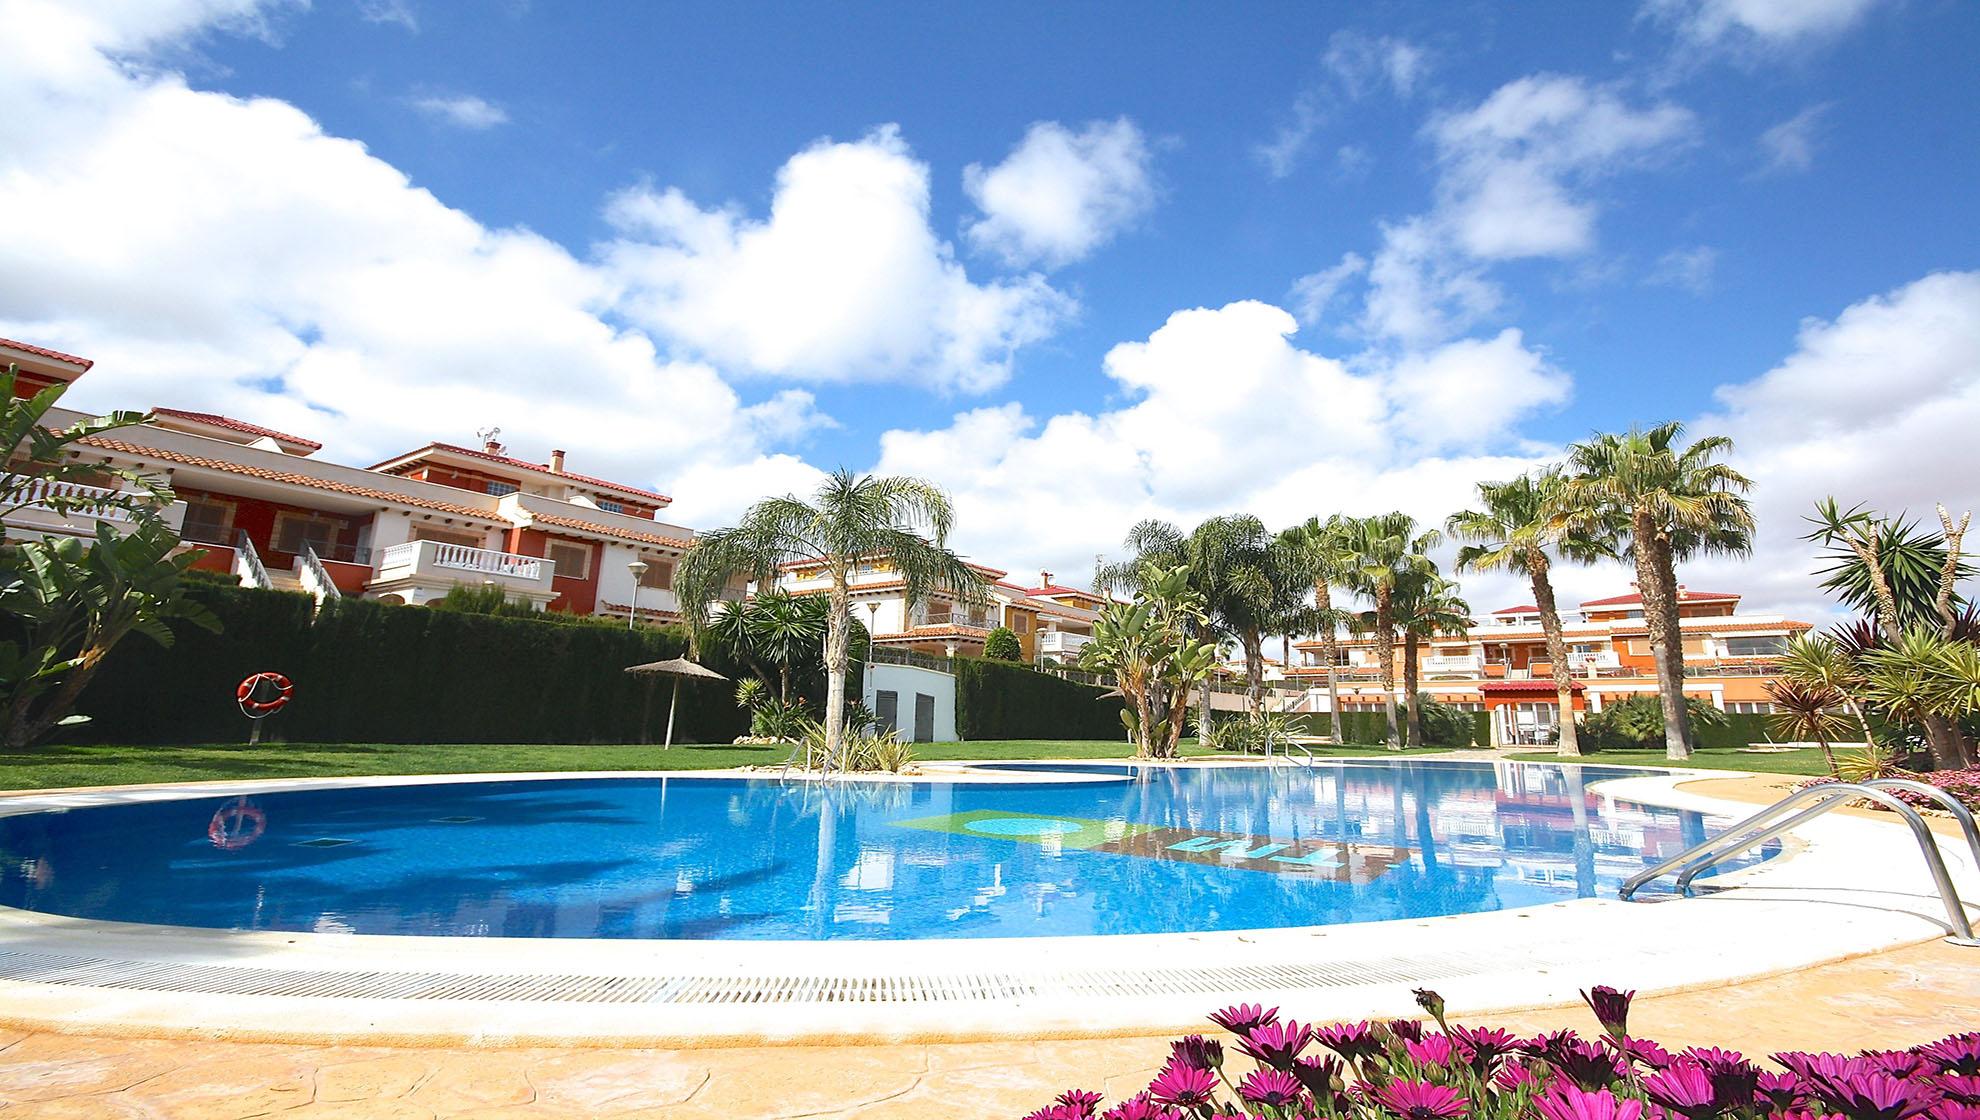 Pool in Costa Blanca, Alicante